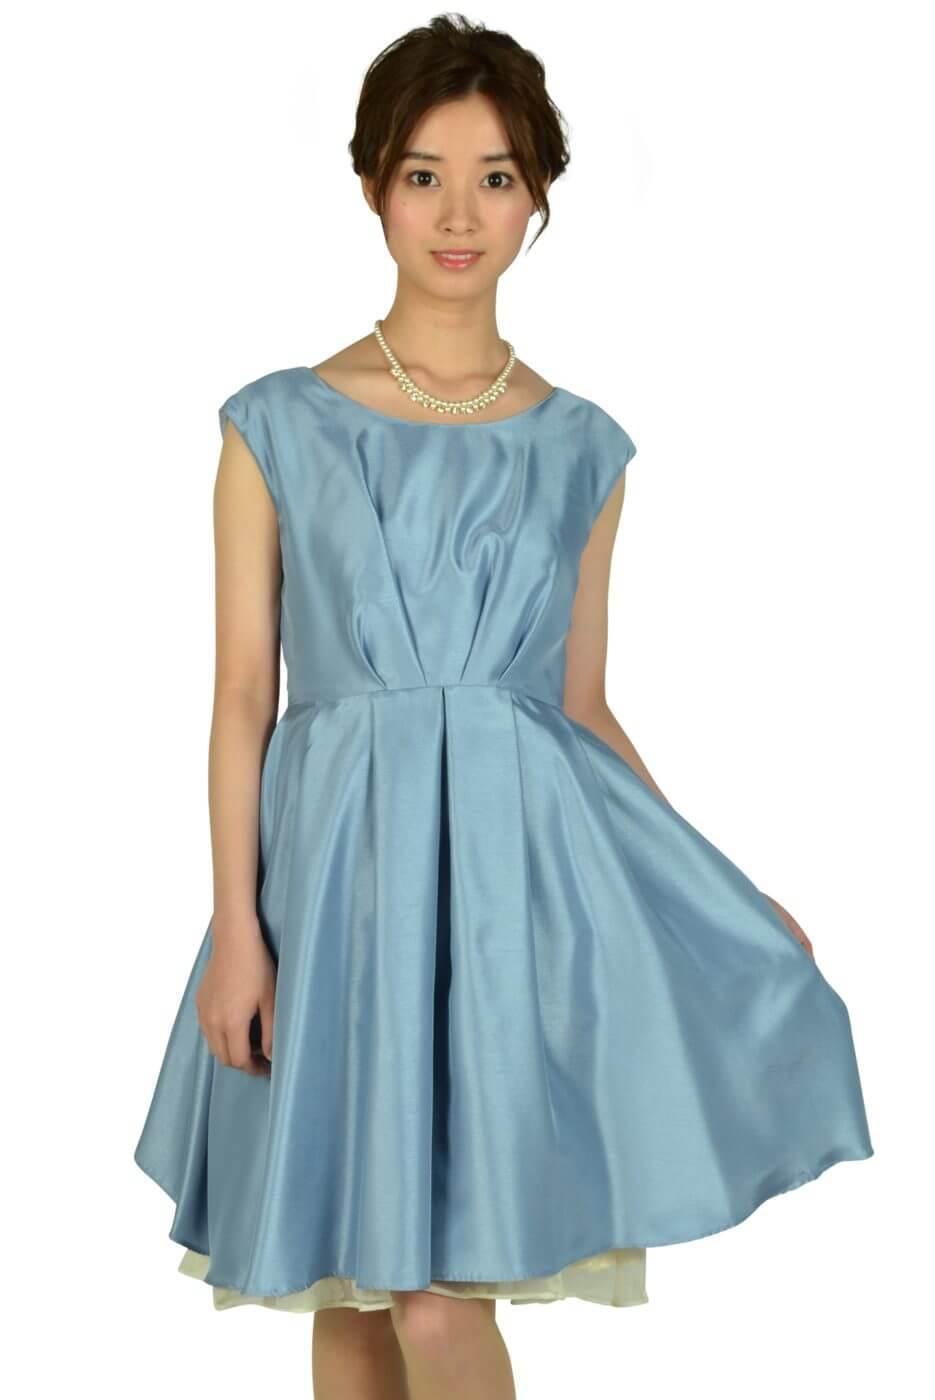 アグレアーブル (Agreable)タック&フラワーオーガンジーサックスドレス